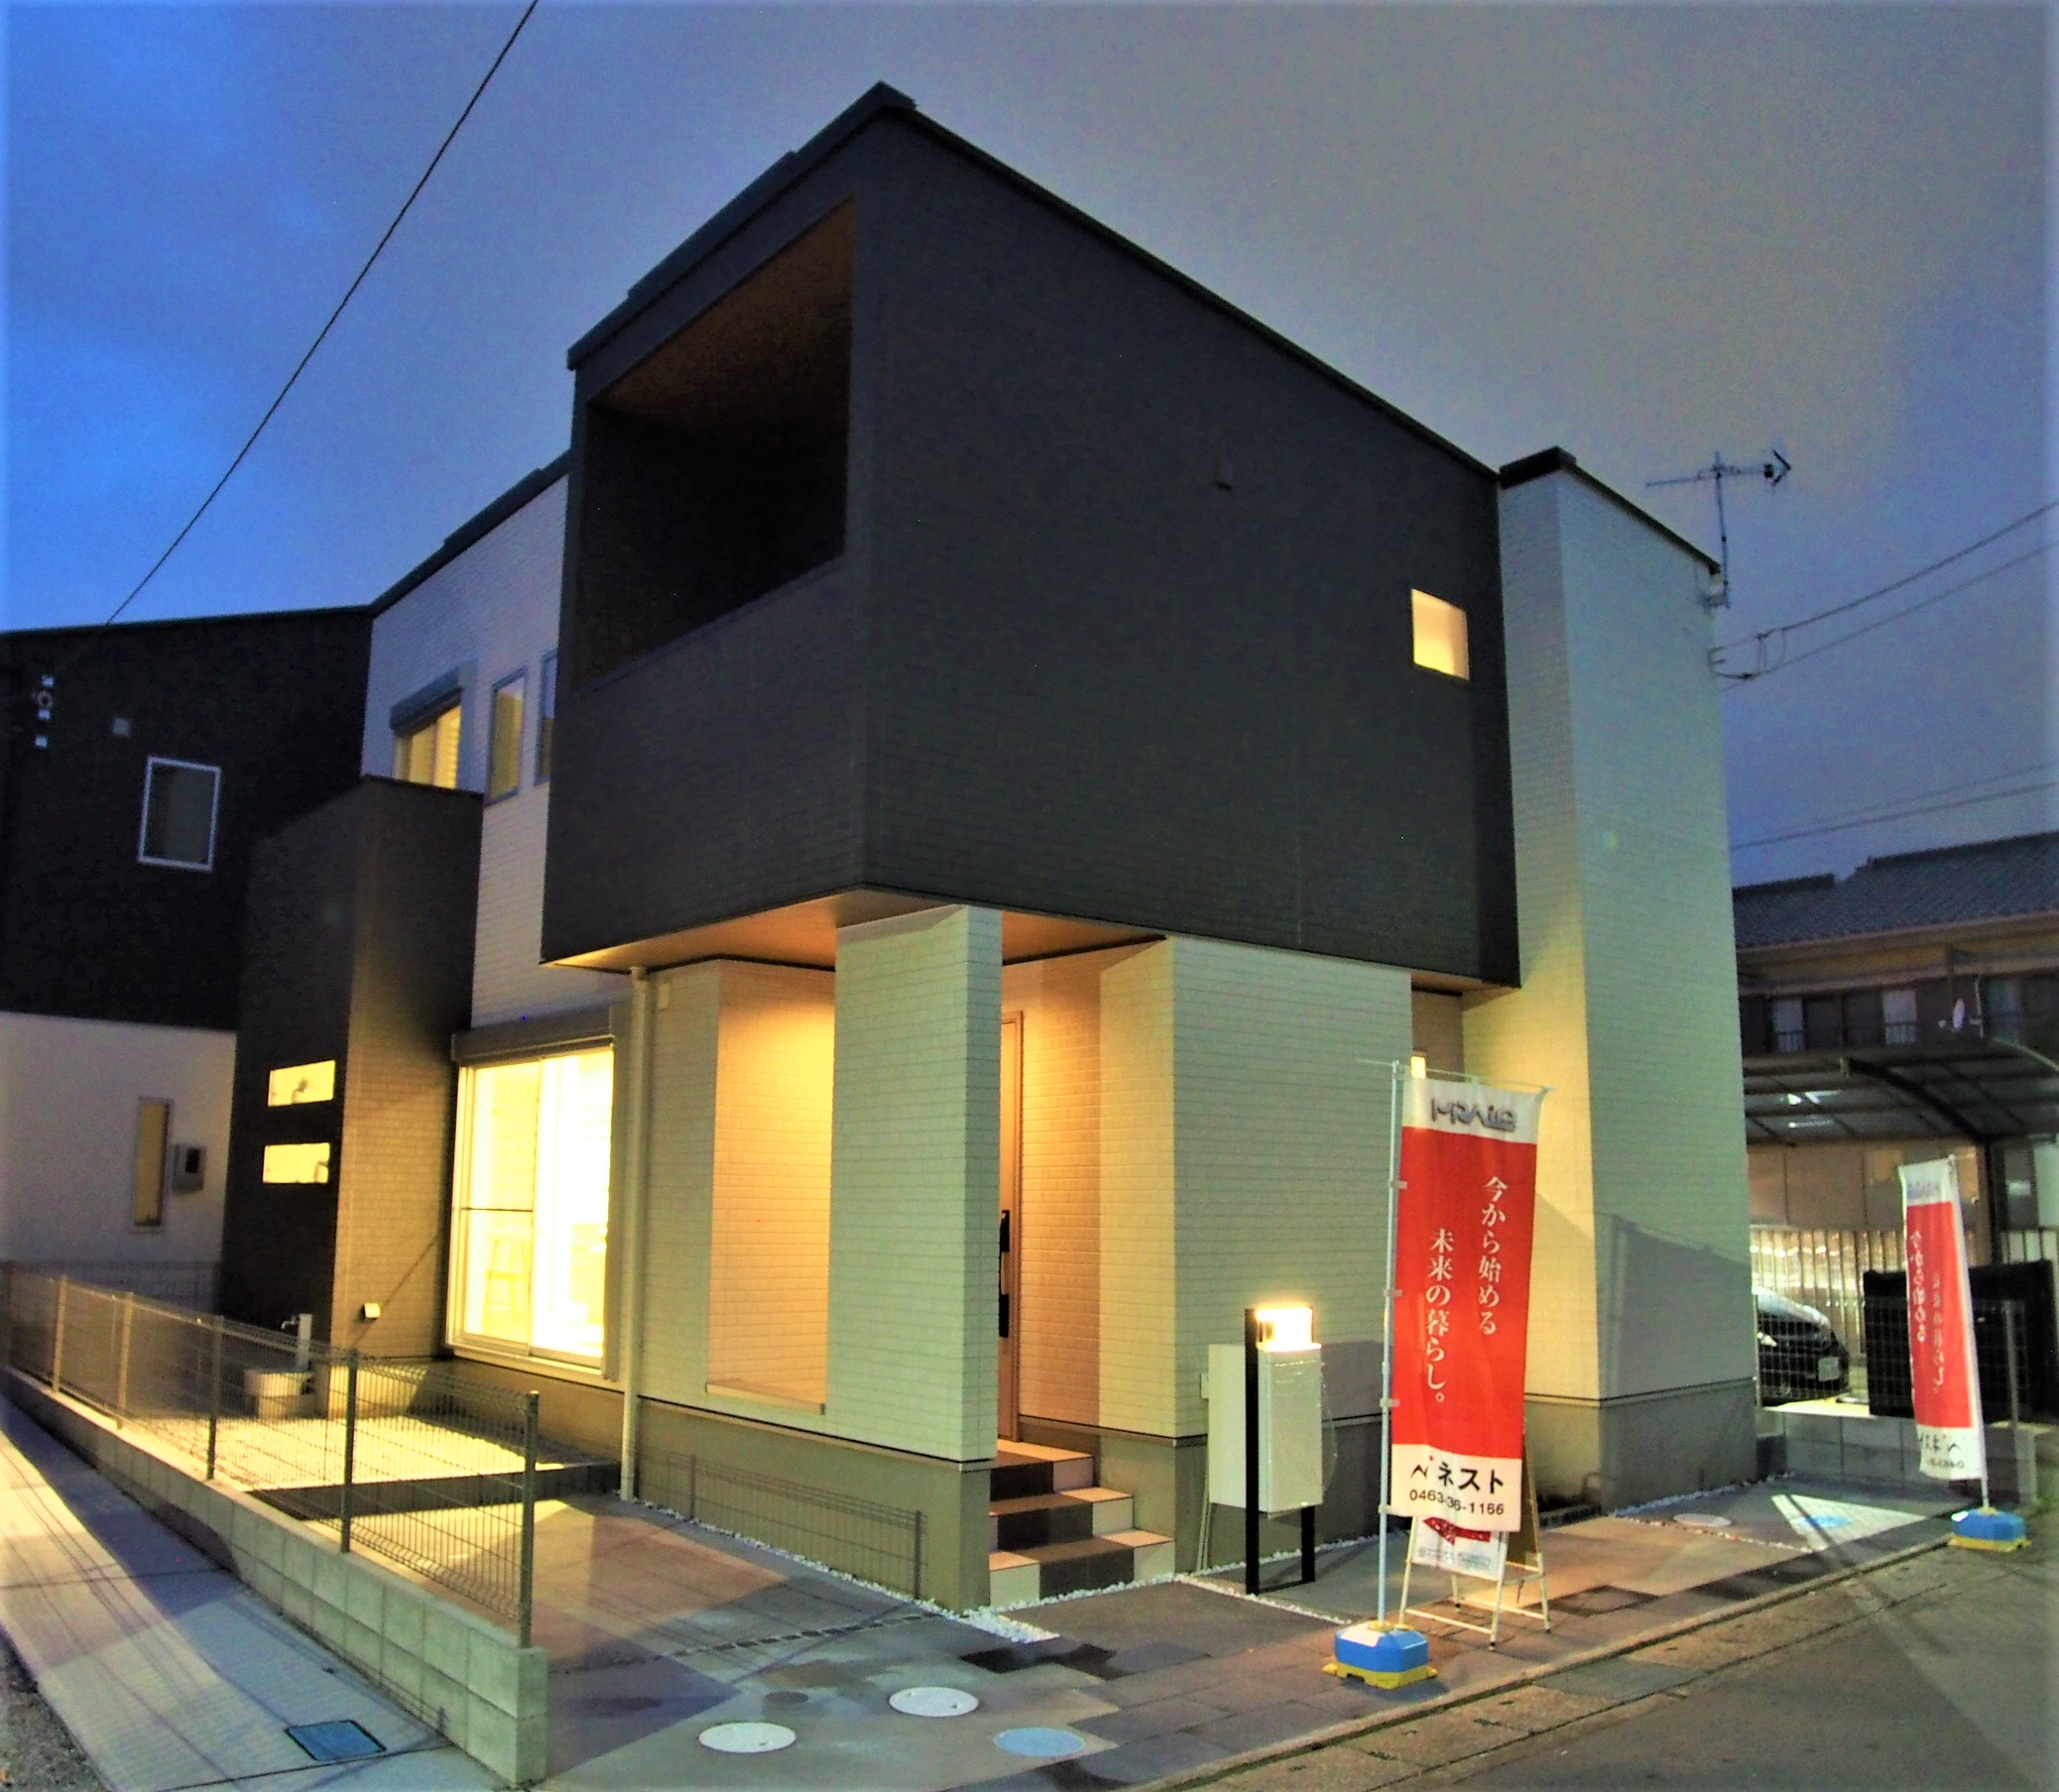 【平塚市中里】夜でも見れる!ナイト見学会開催!